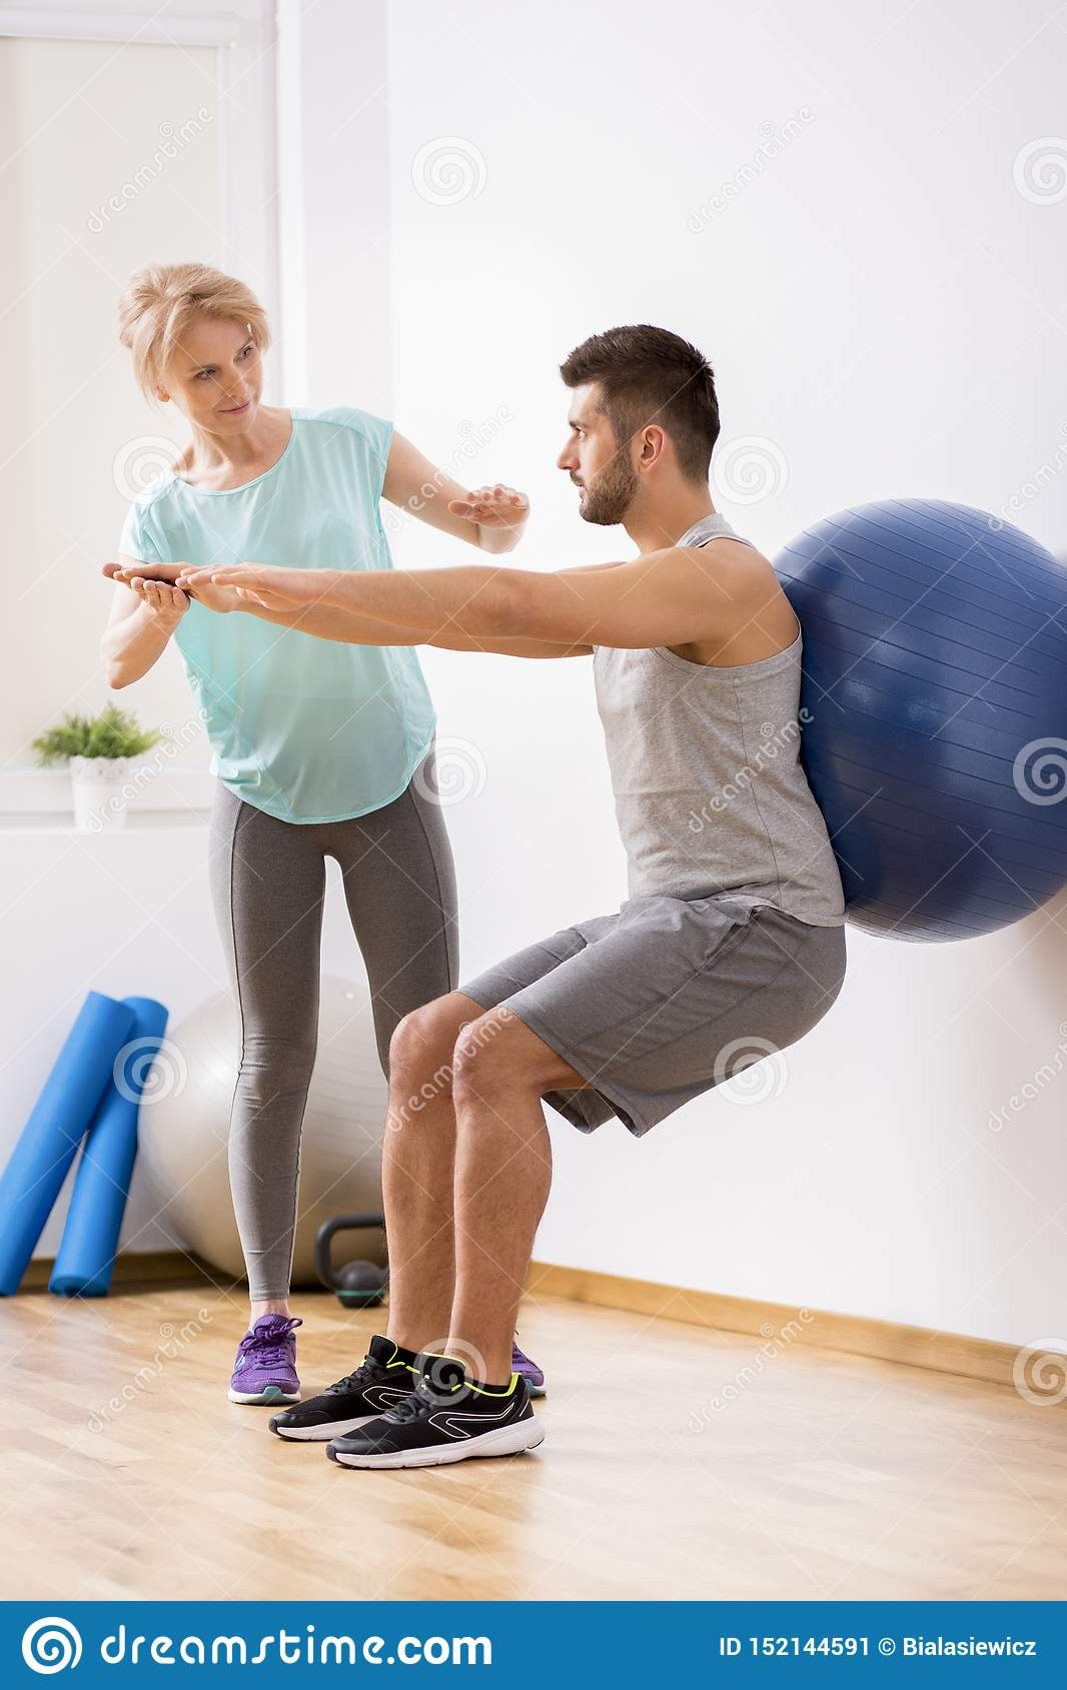 Junger Mann mit Rückenverletzung trainierend mit blauem gymnastischem Ball während der Verabredung mit weiblichem Physiotherapeut